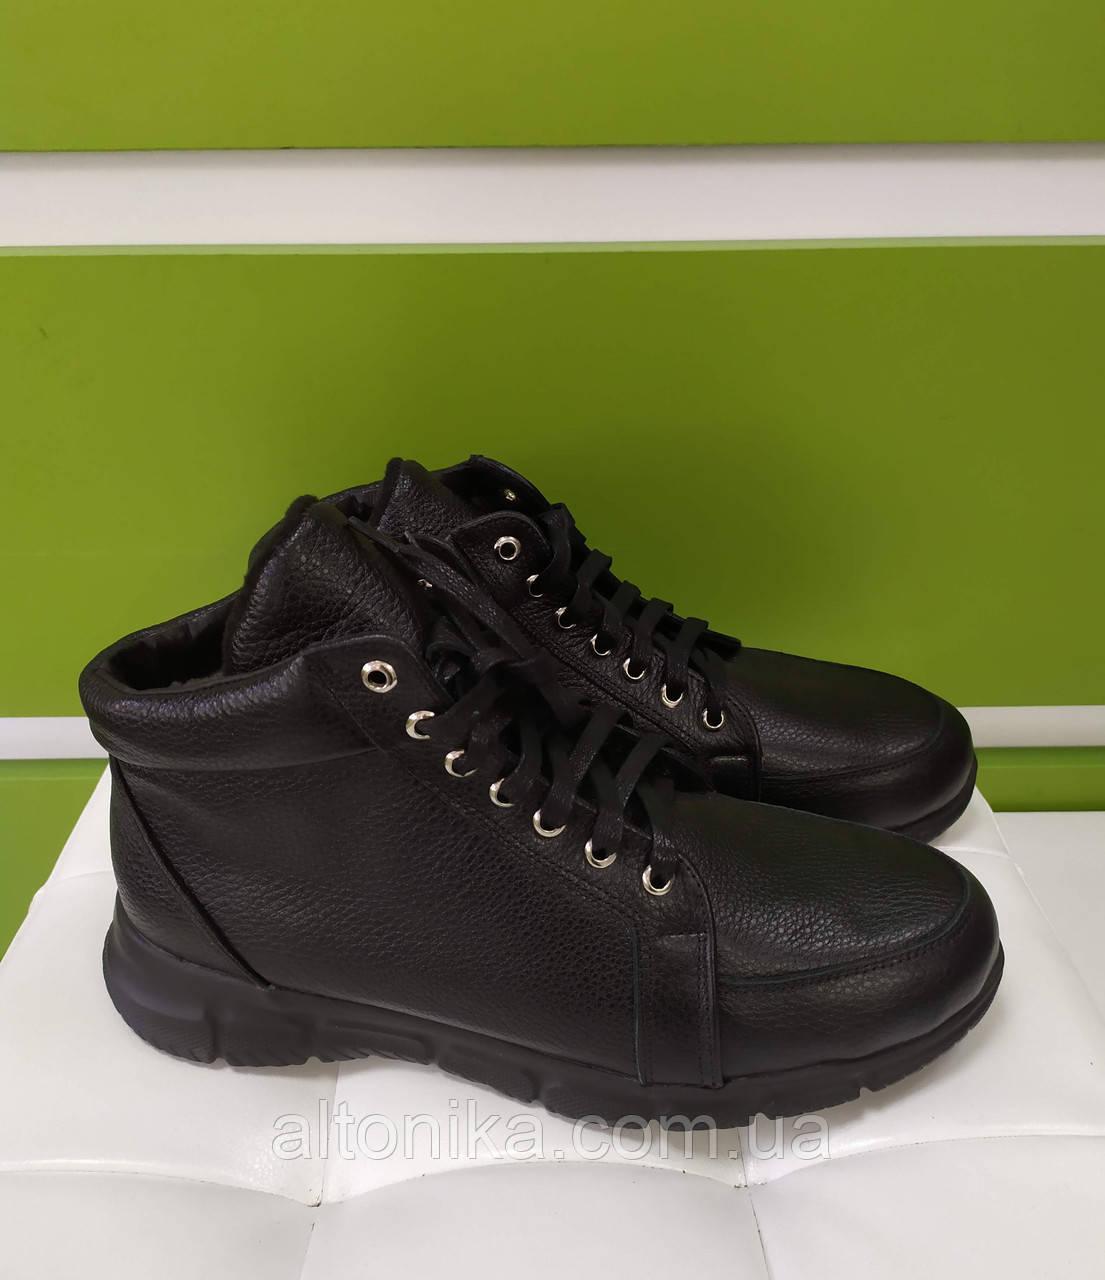 STTOPA деми зима. Размеры 40-44. Ботинки кожаные на широкую ногу больших размеров! С9-58-4044-35-4044 Черные